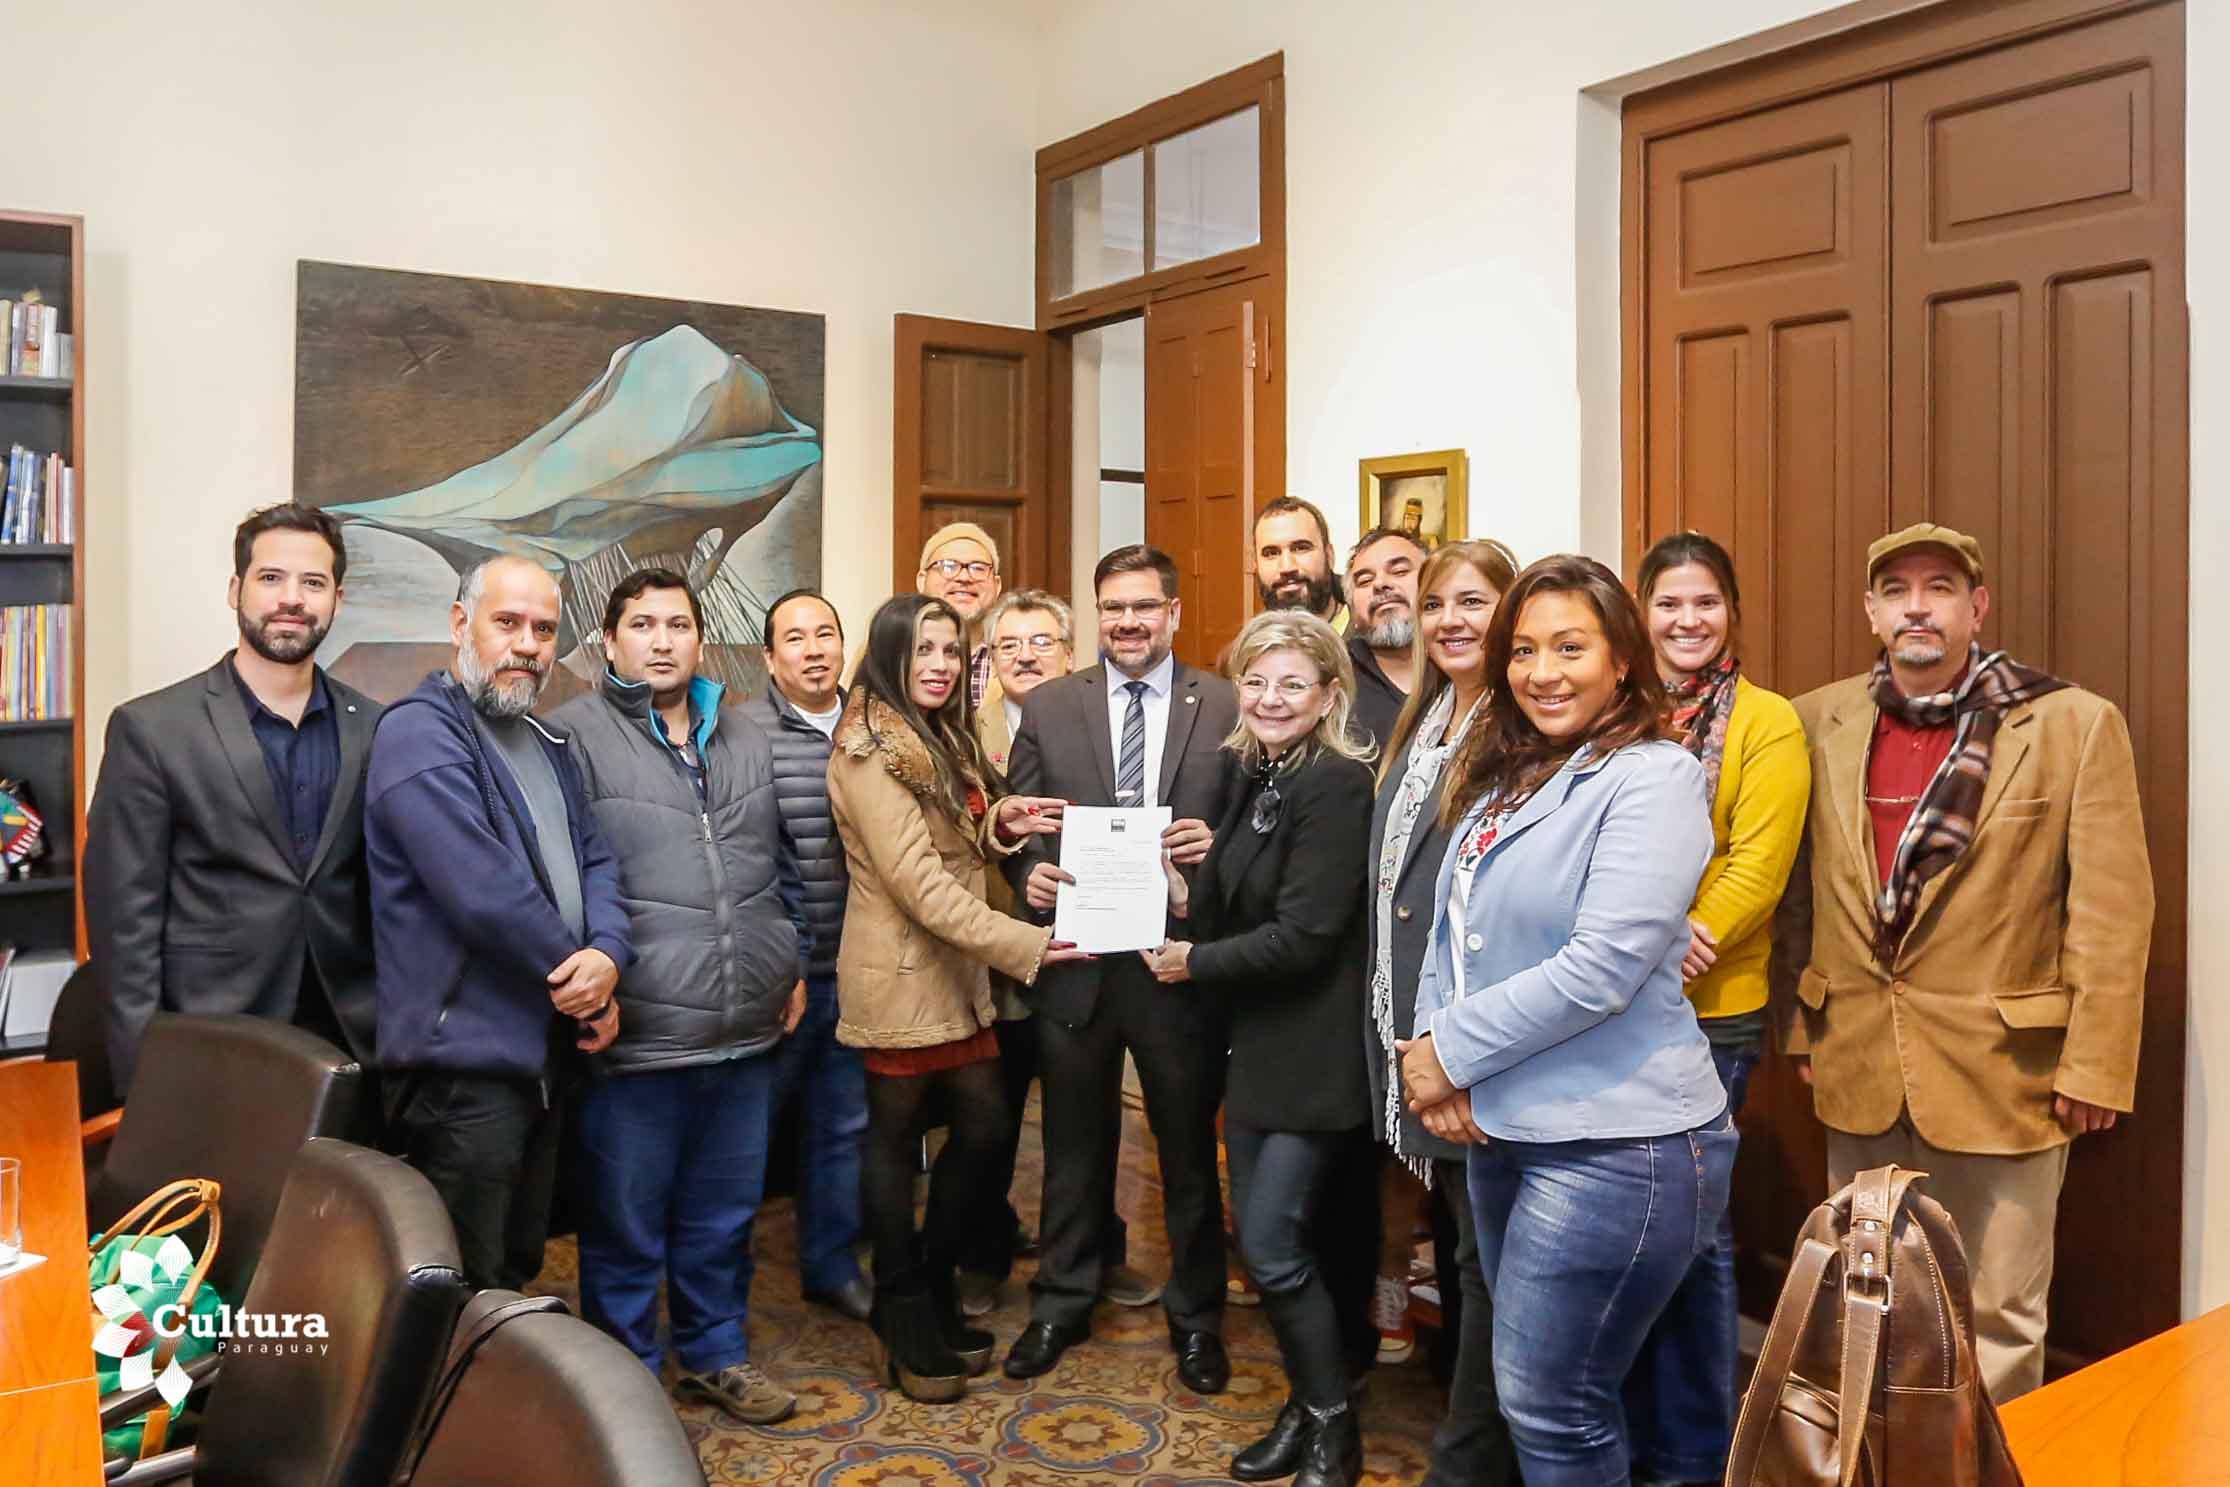 Ejecutivo reglamenta la ley del cine y establece estructura orgánica del Instituto Nacional del Audiovisual del Paraguay imagen